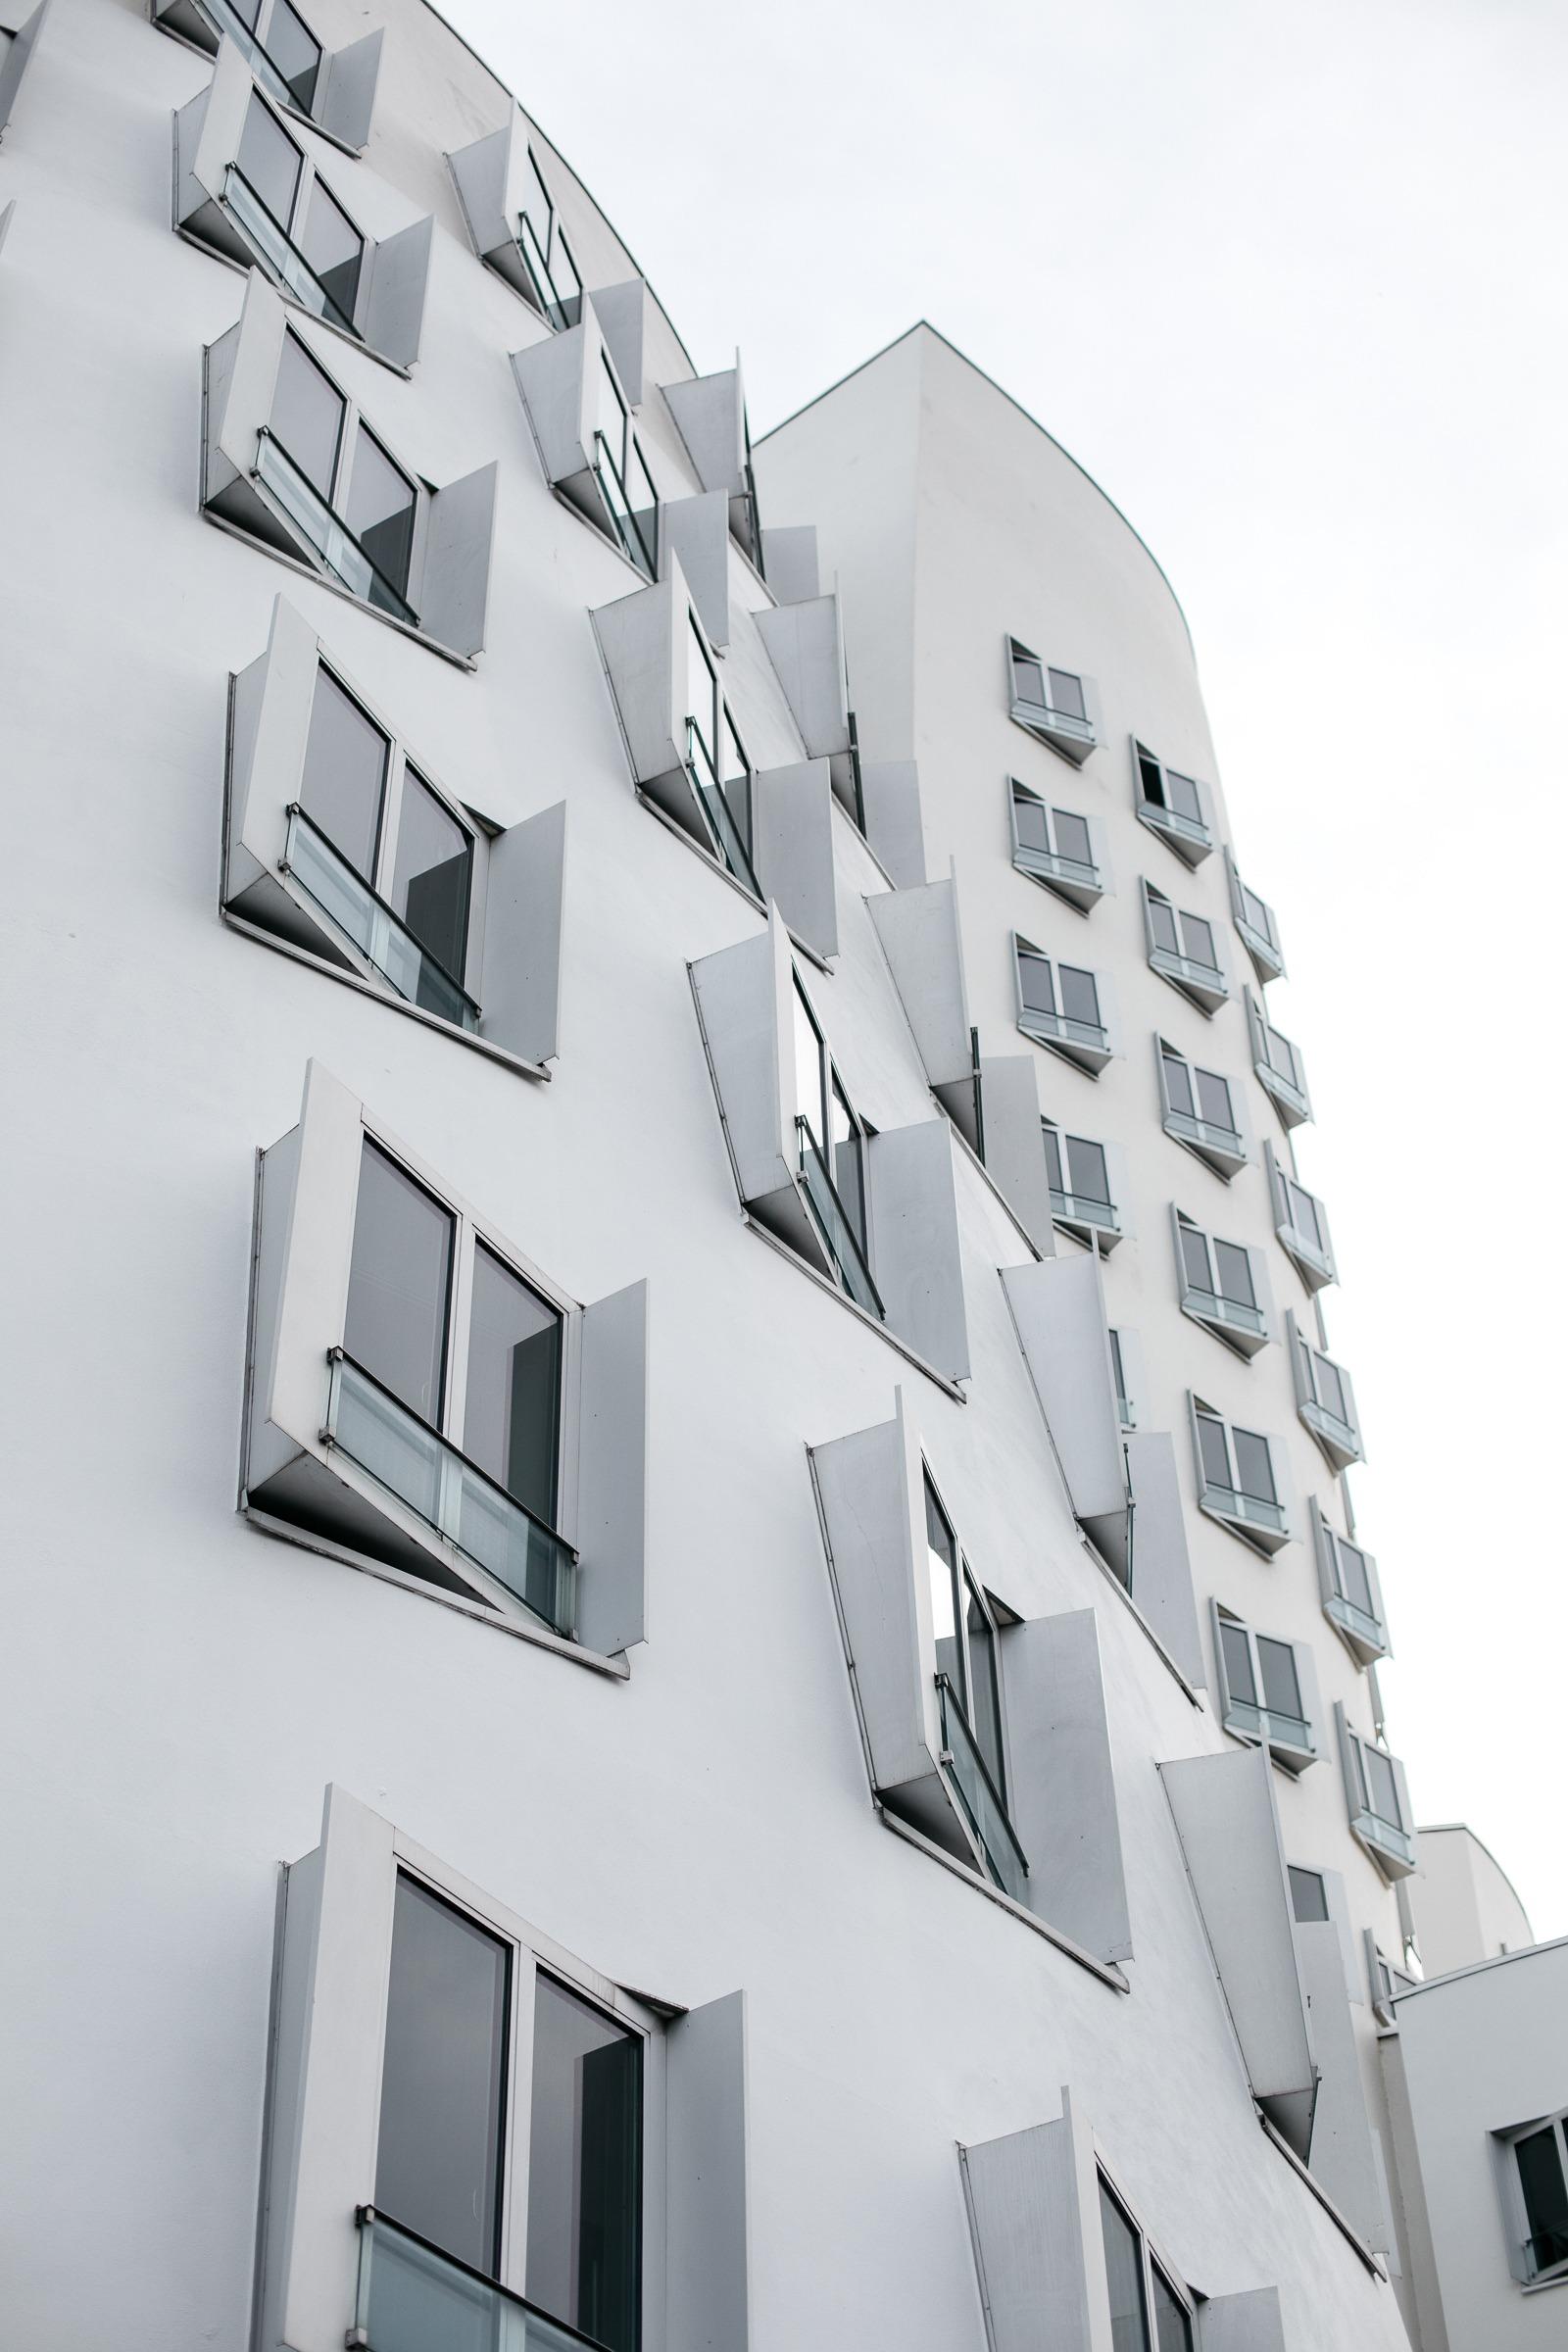 Dusseldorf, 10 endroits à découvrir absolument 6